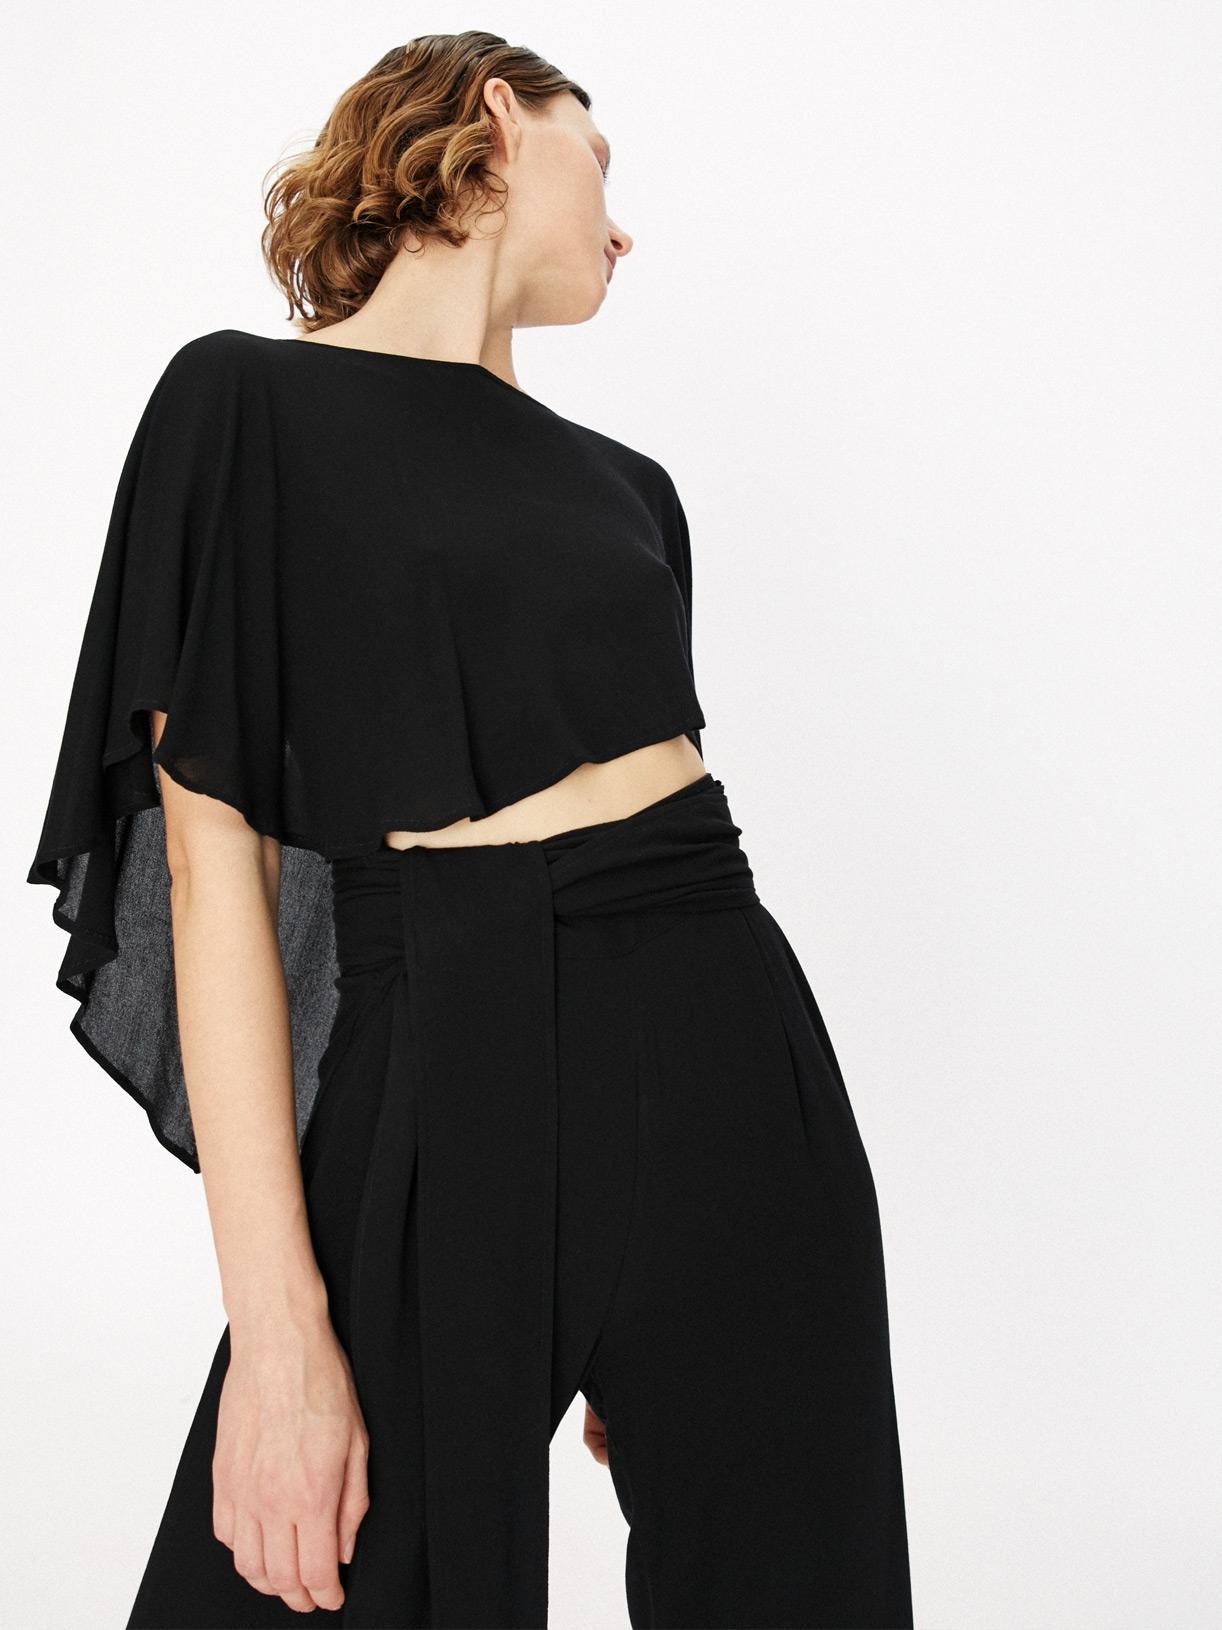 Andra - pantalon large fendu noir - mode ecoresponsable et ethique Myphilosophy